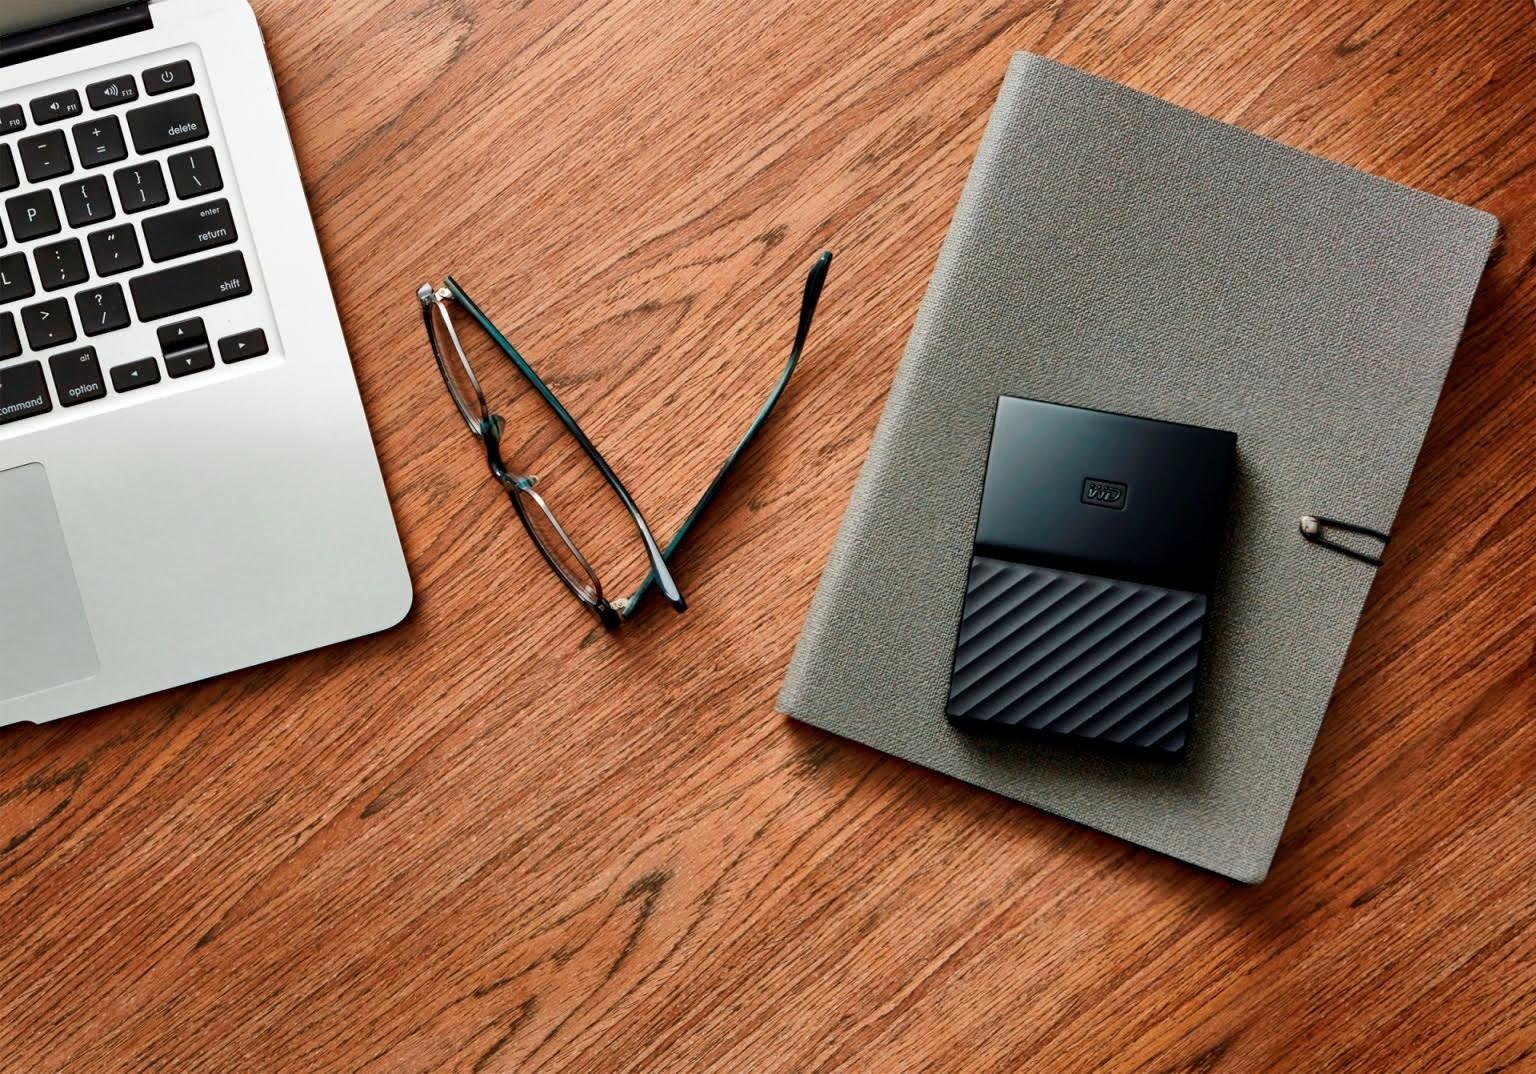 是Western Digital 攜手 fuseproject 打造全新造型,推出 My passport 與 My Book 外接儲存硬碟這篇文章的首圖